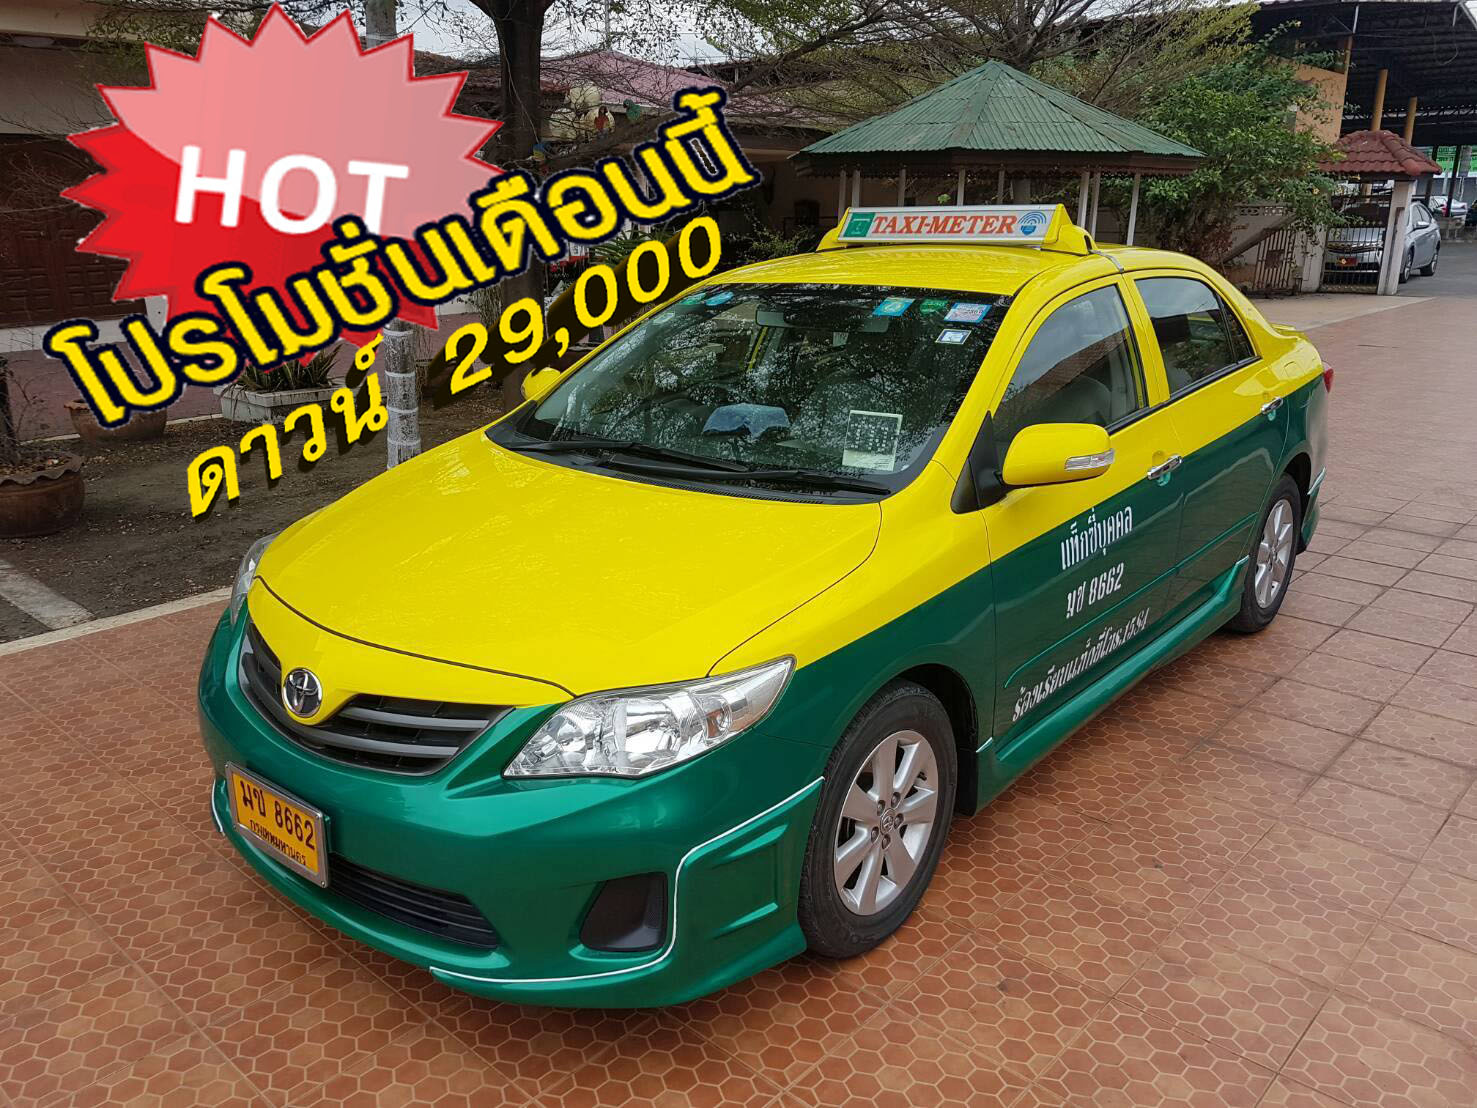 แท็กซี่มือสอง ปี 2013 เครื่อง CNG ศูนย์ รถบ้าน ขับคนเดียวตั้งแต่ป้ายแดง